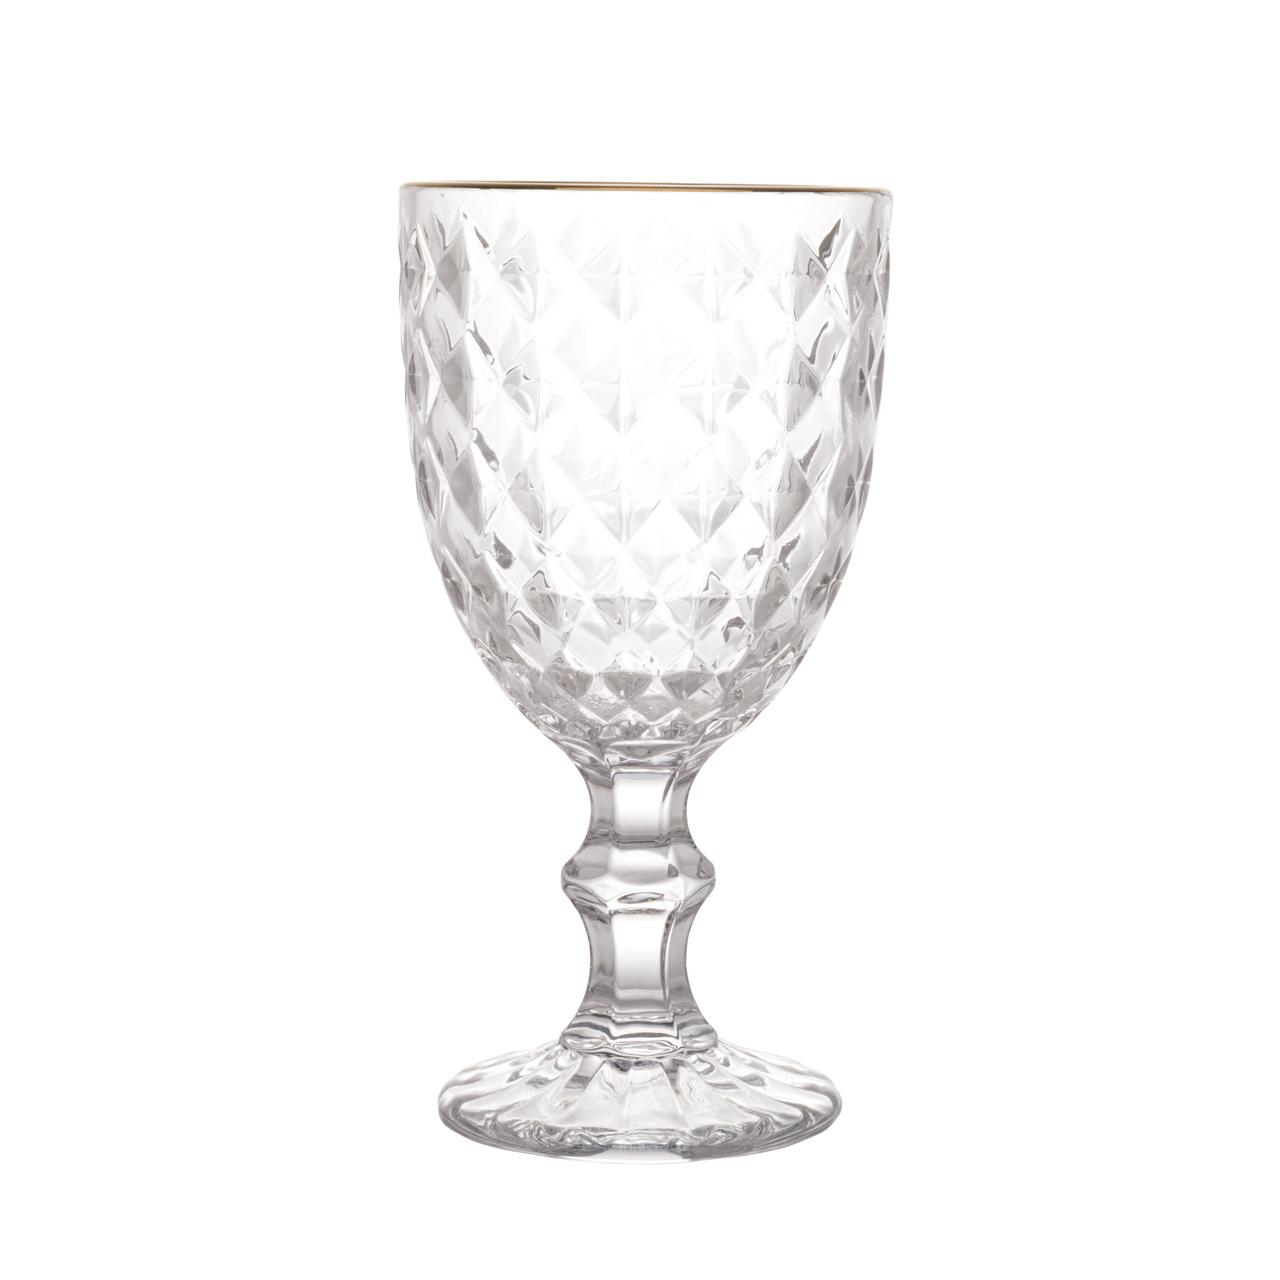 Jogo 6 taças 345ml para água de vidro com fio ouro Roman Bon Gourmet - 35694